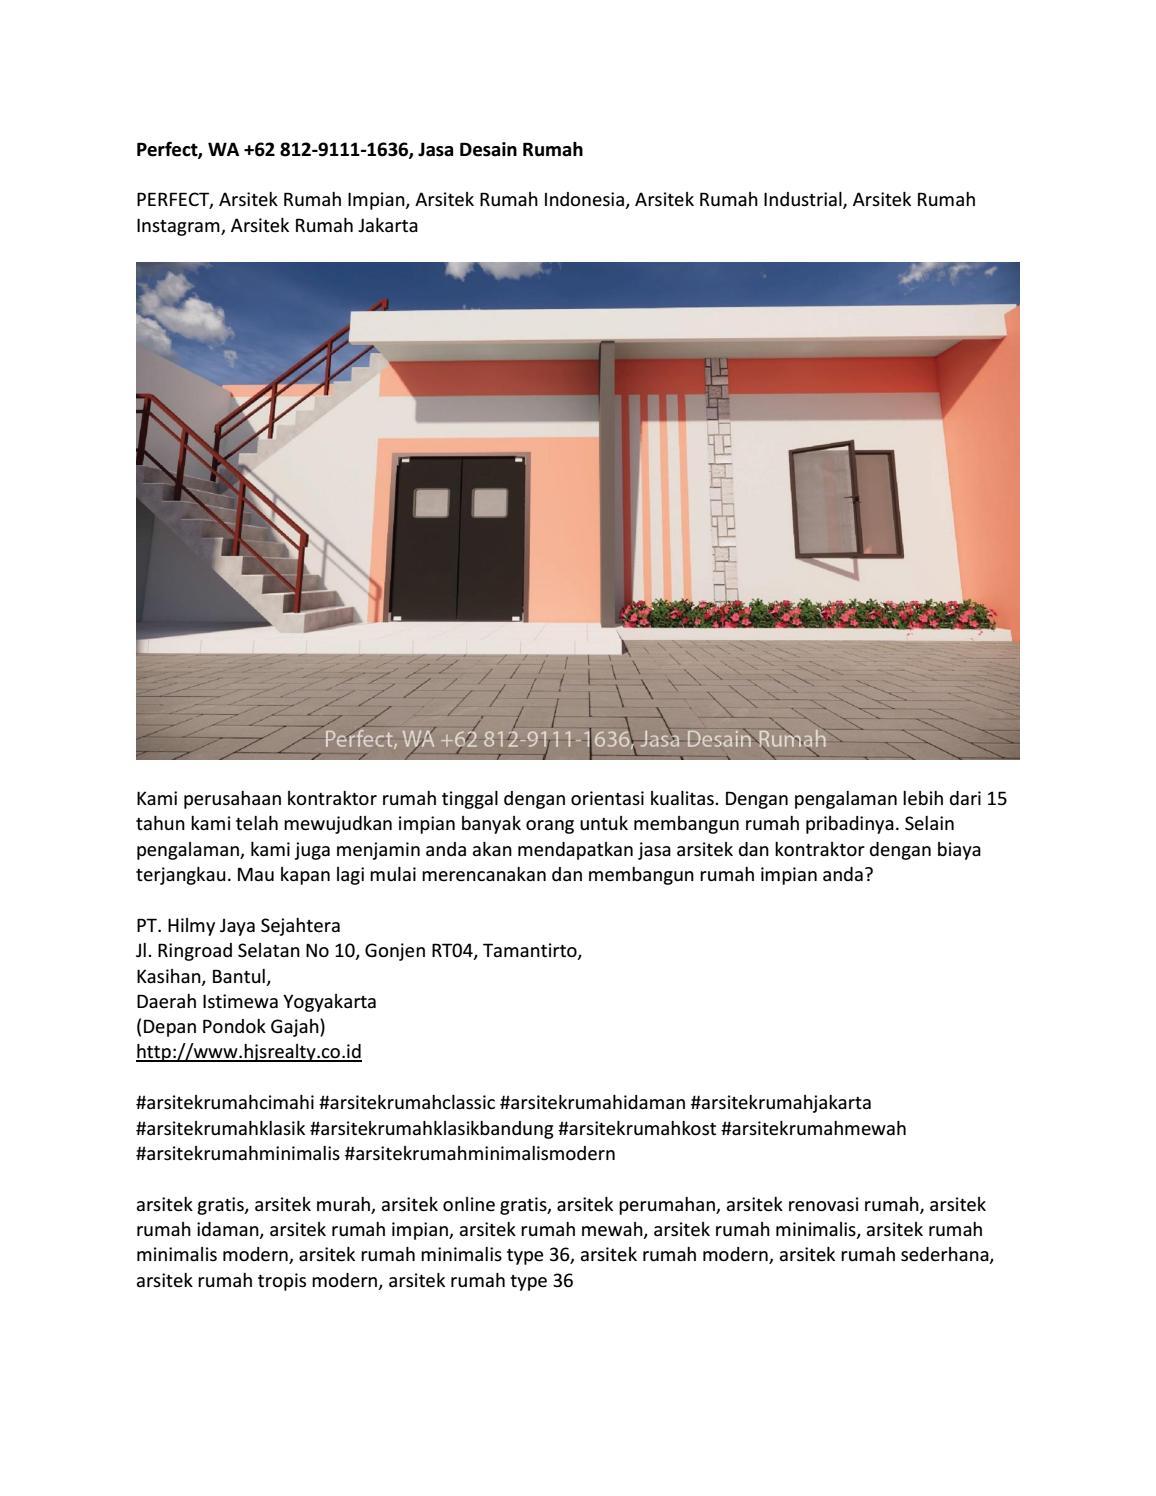 Perfect Wa 62 812 9111 1636 Jasa Desain Rumah By Jasaarsitek Rumah Issuu